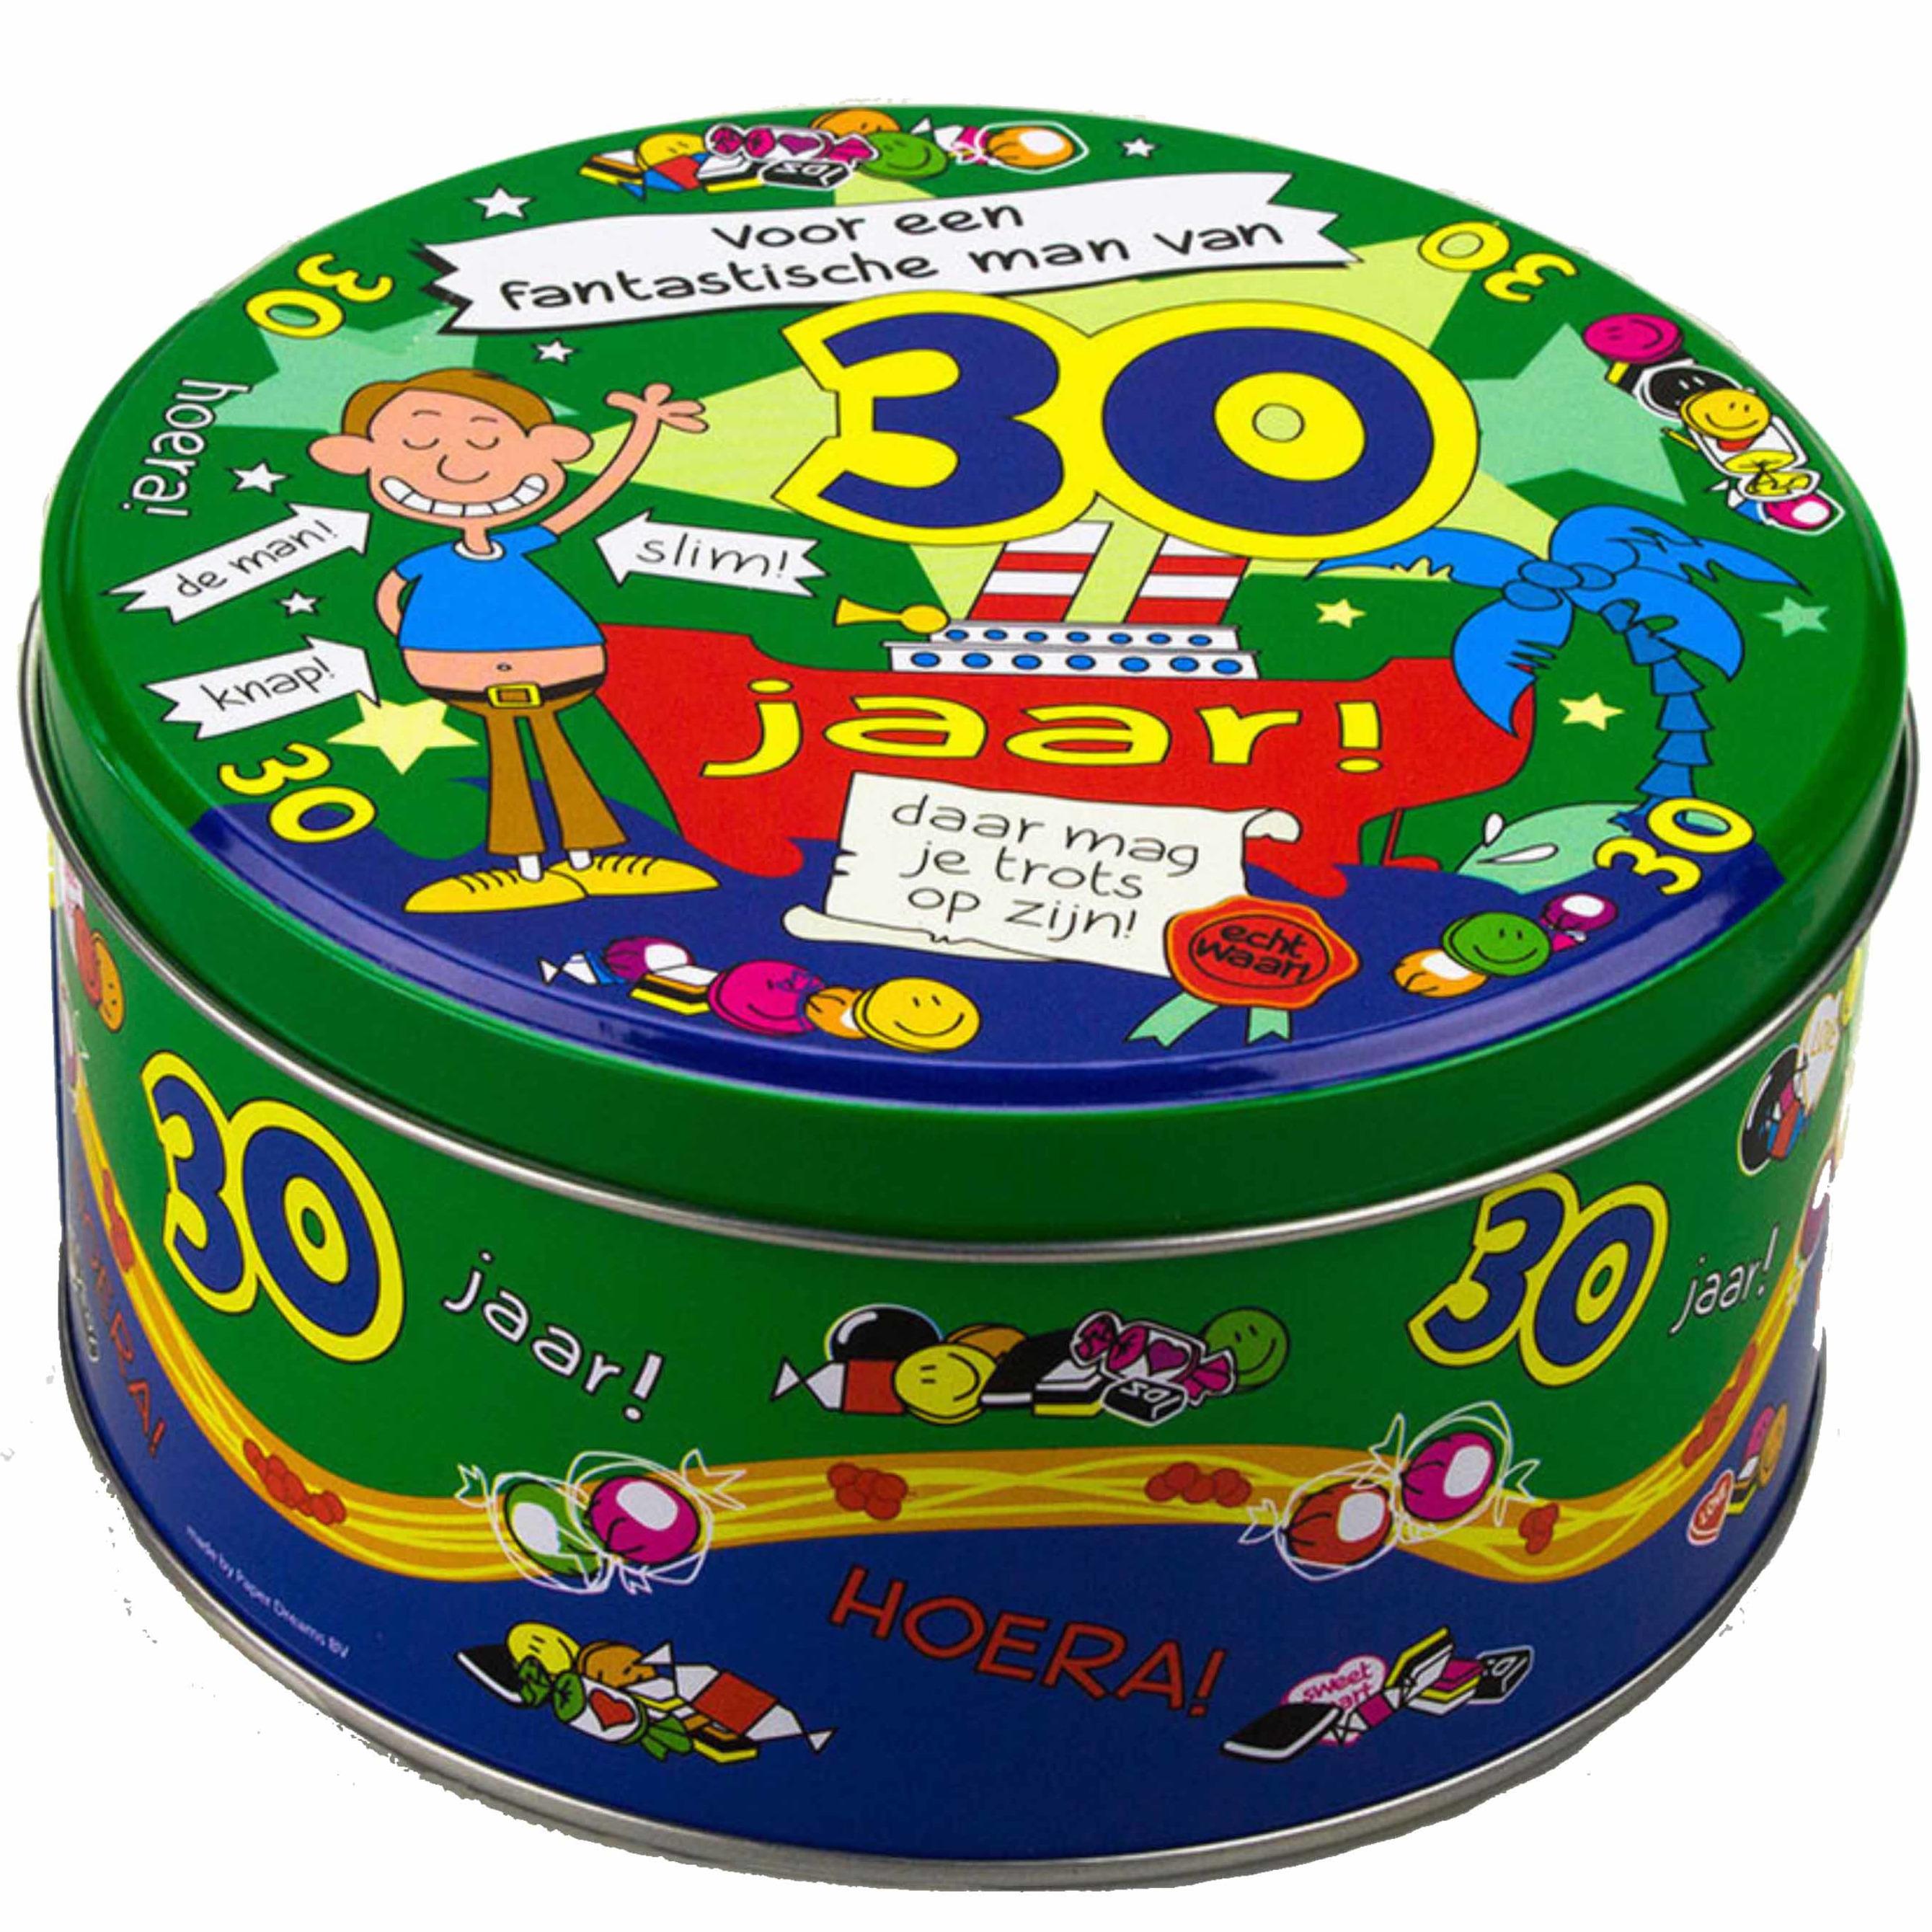 Snoeptrommel/cadeautrommel 30 jaar verjaardagscadeau/versiering voor mannen